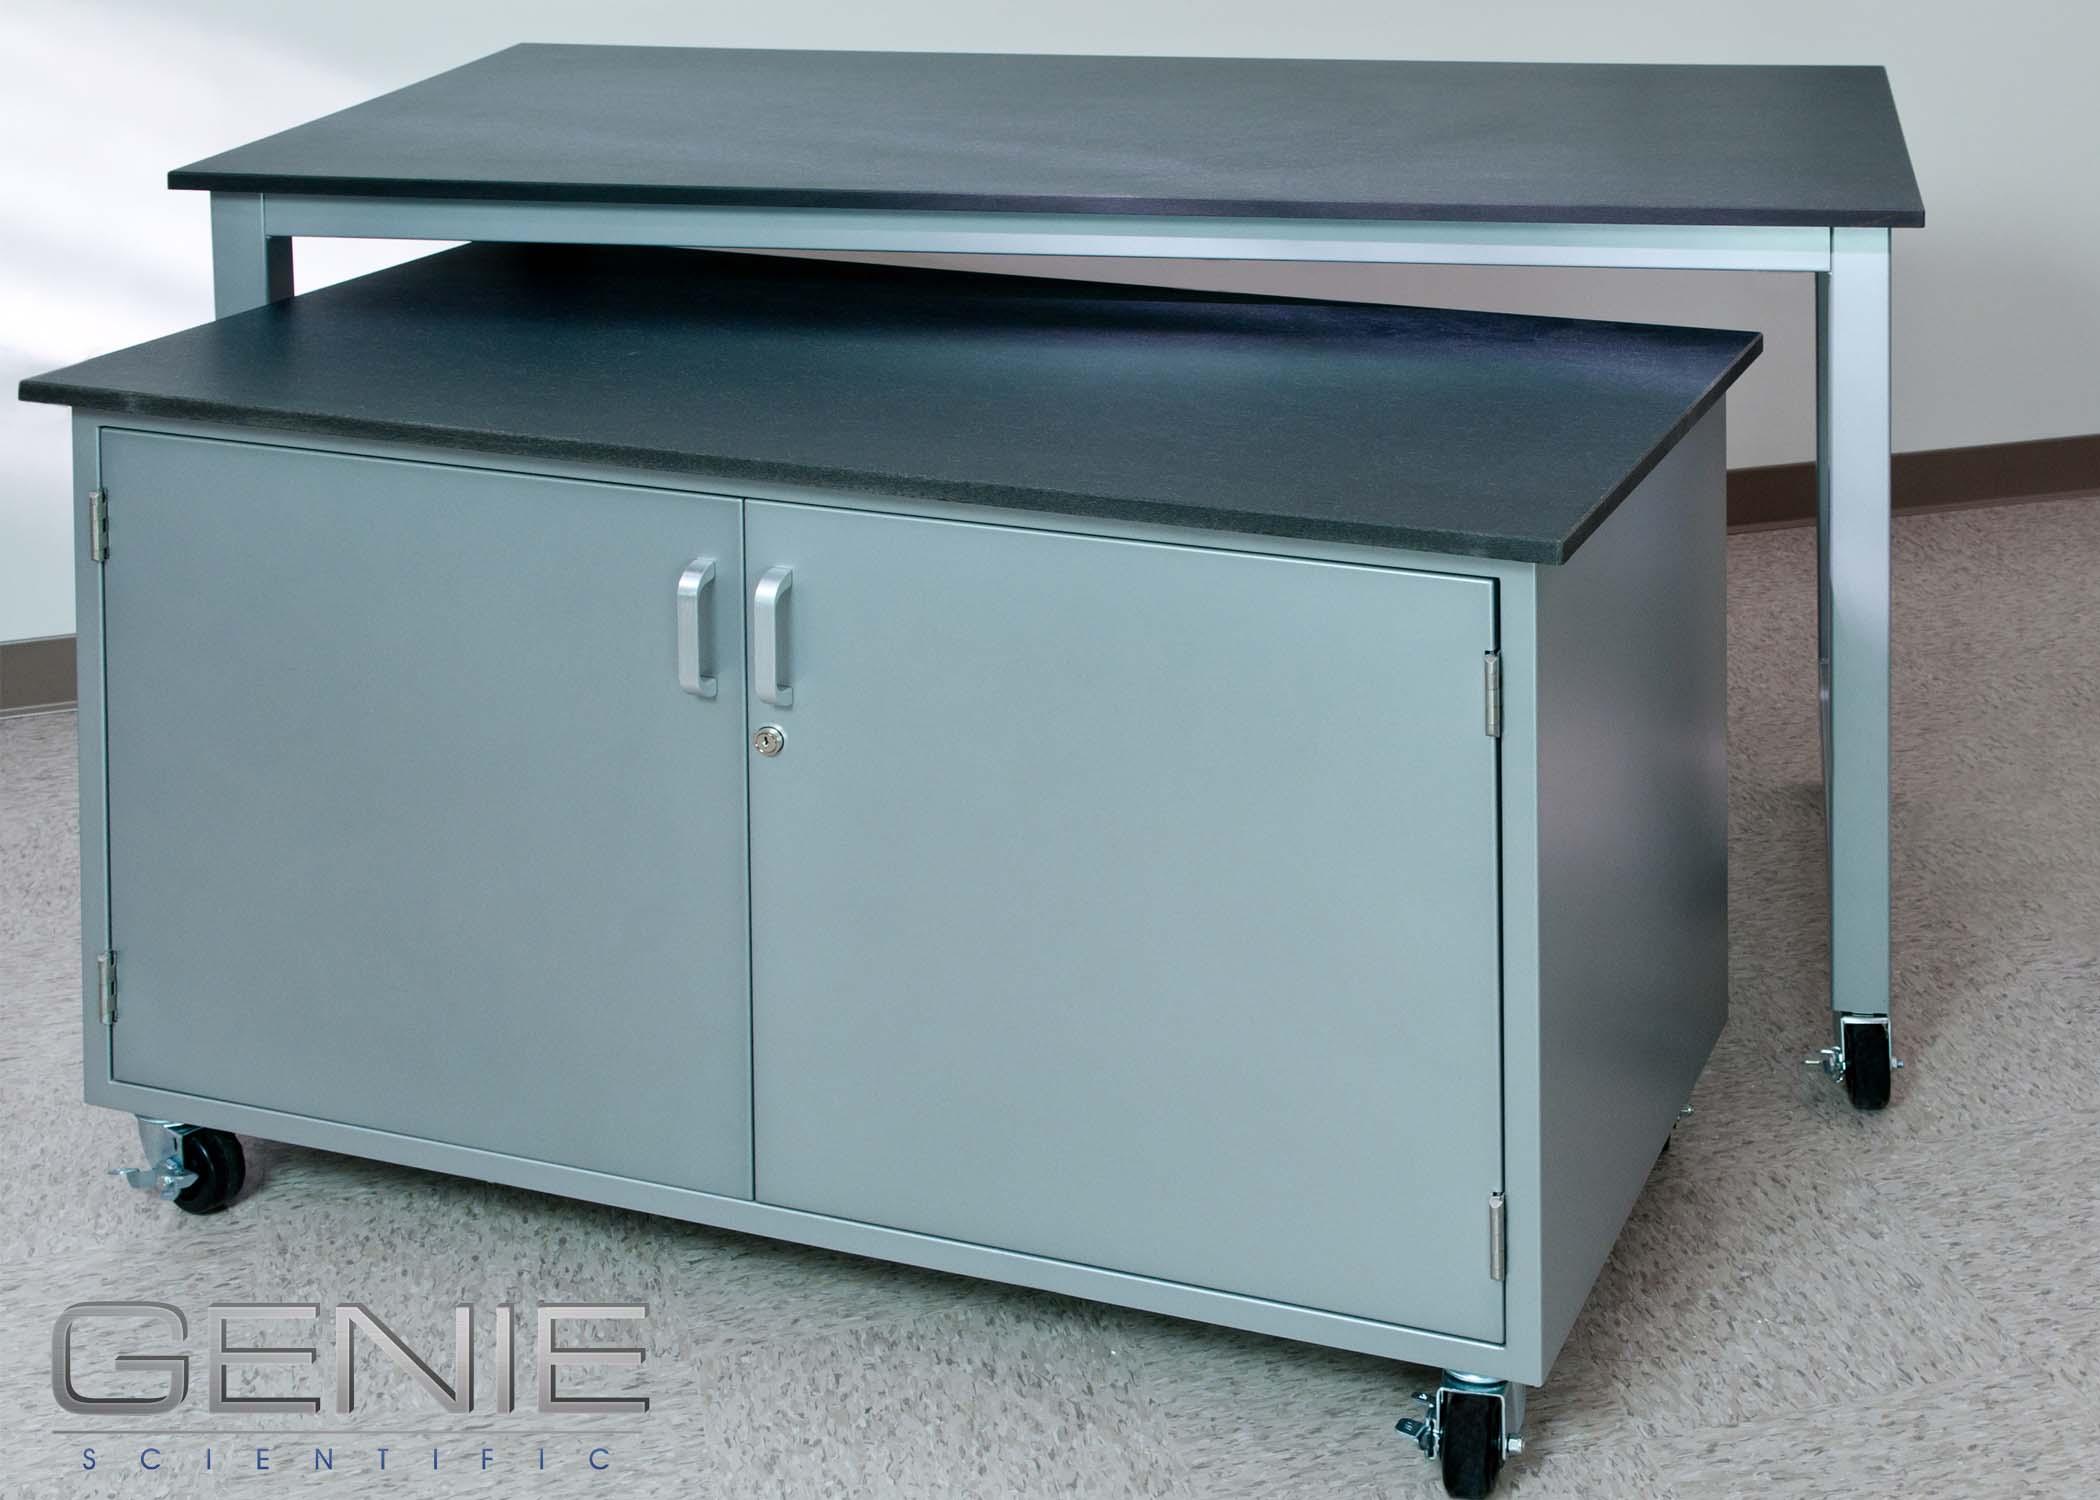 GenieScientific_TableMobileCabinet.jpg